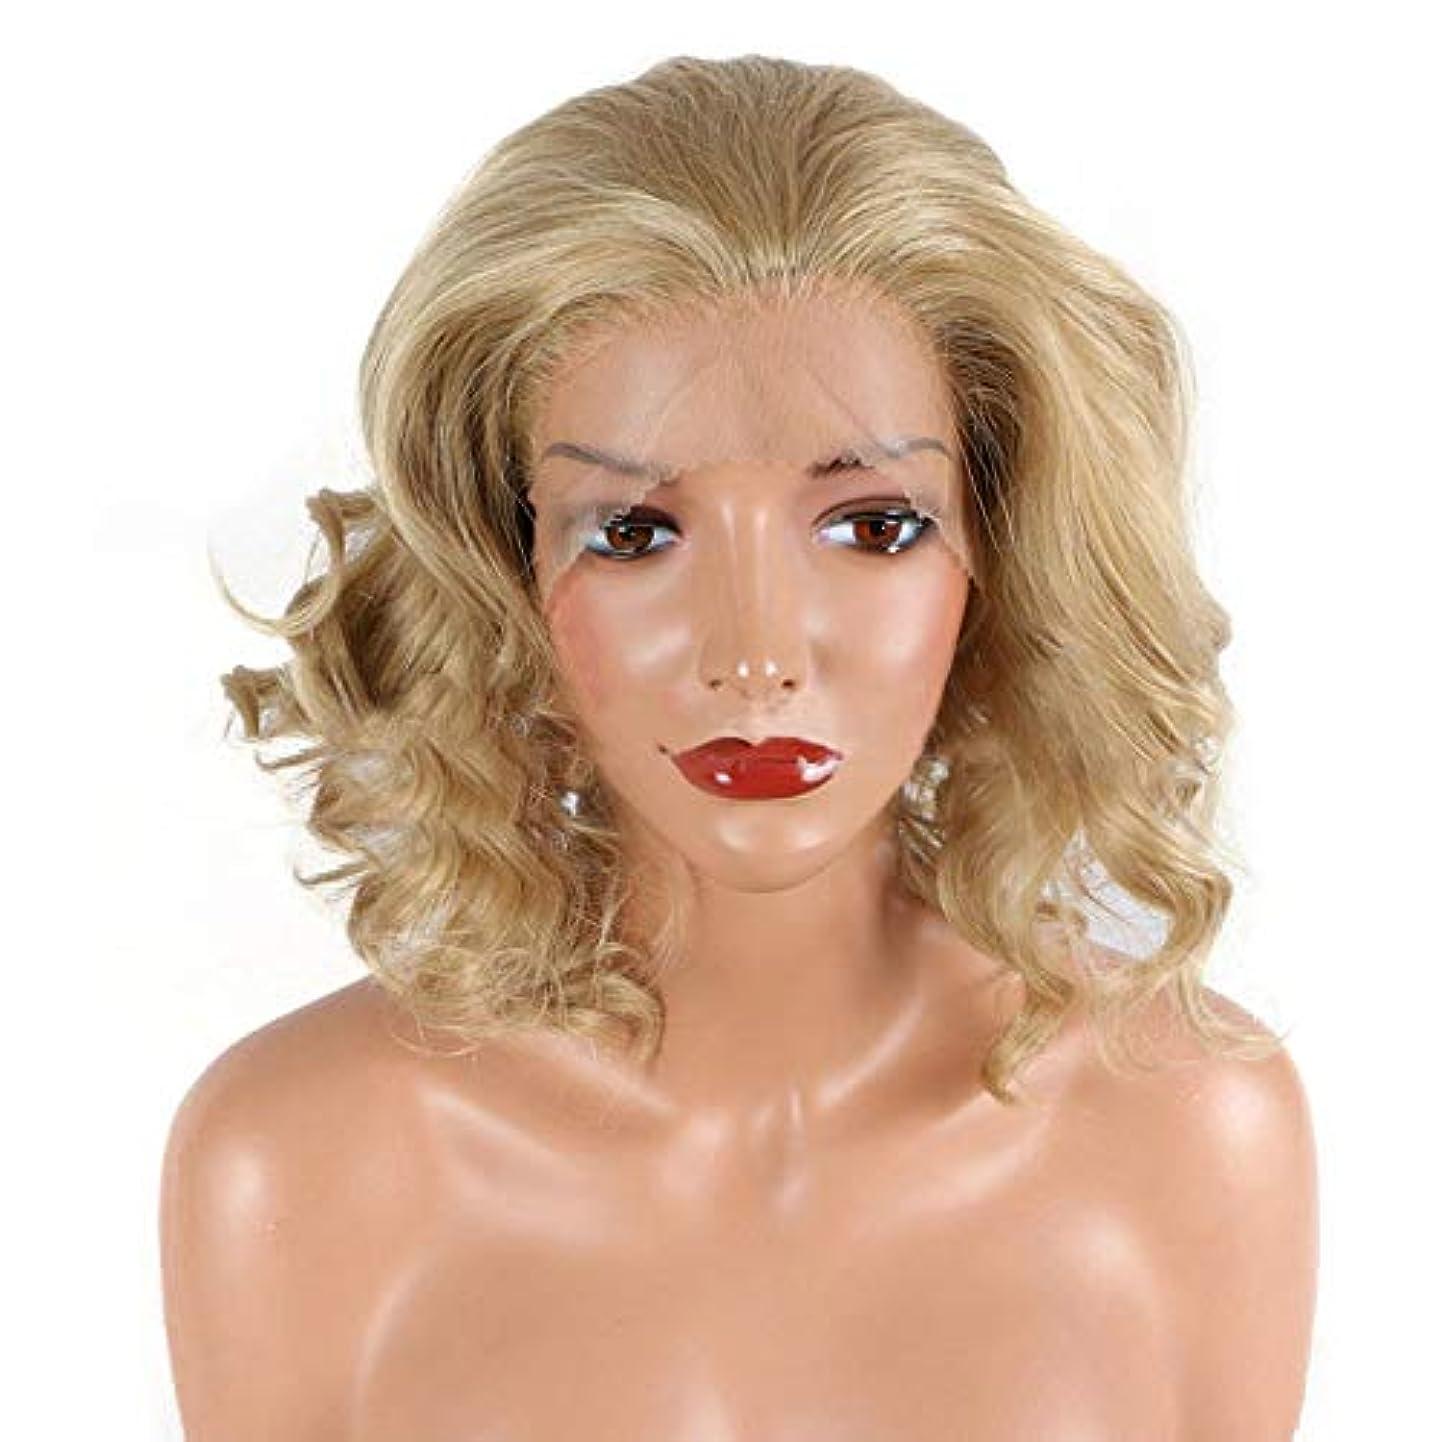 実行可能によるとマティスYOUQIU 女性のかつらキャップショートカーリーウィッグで素晴らしいラブリーボブスタイル (色 : ブラウン)